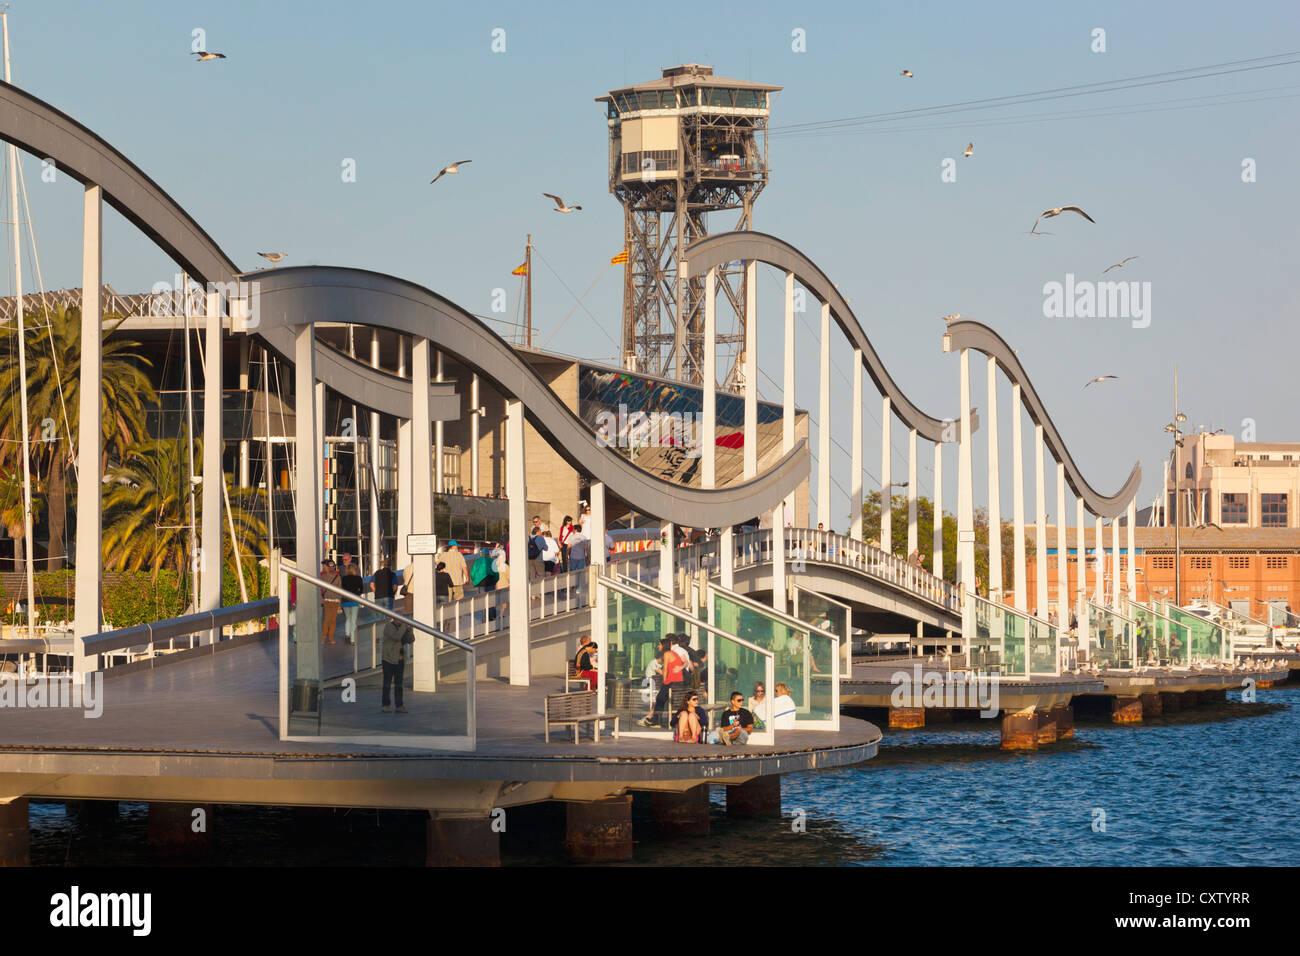 Barcelona, Spain. Rambla de Mar wooden walkway in Port Vell area. - Stock Image